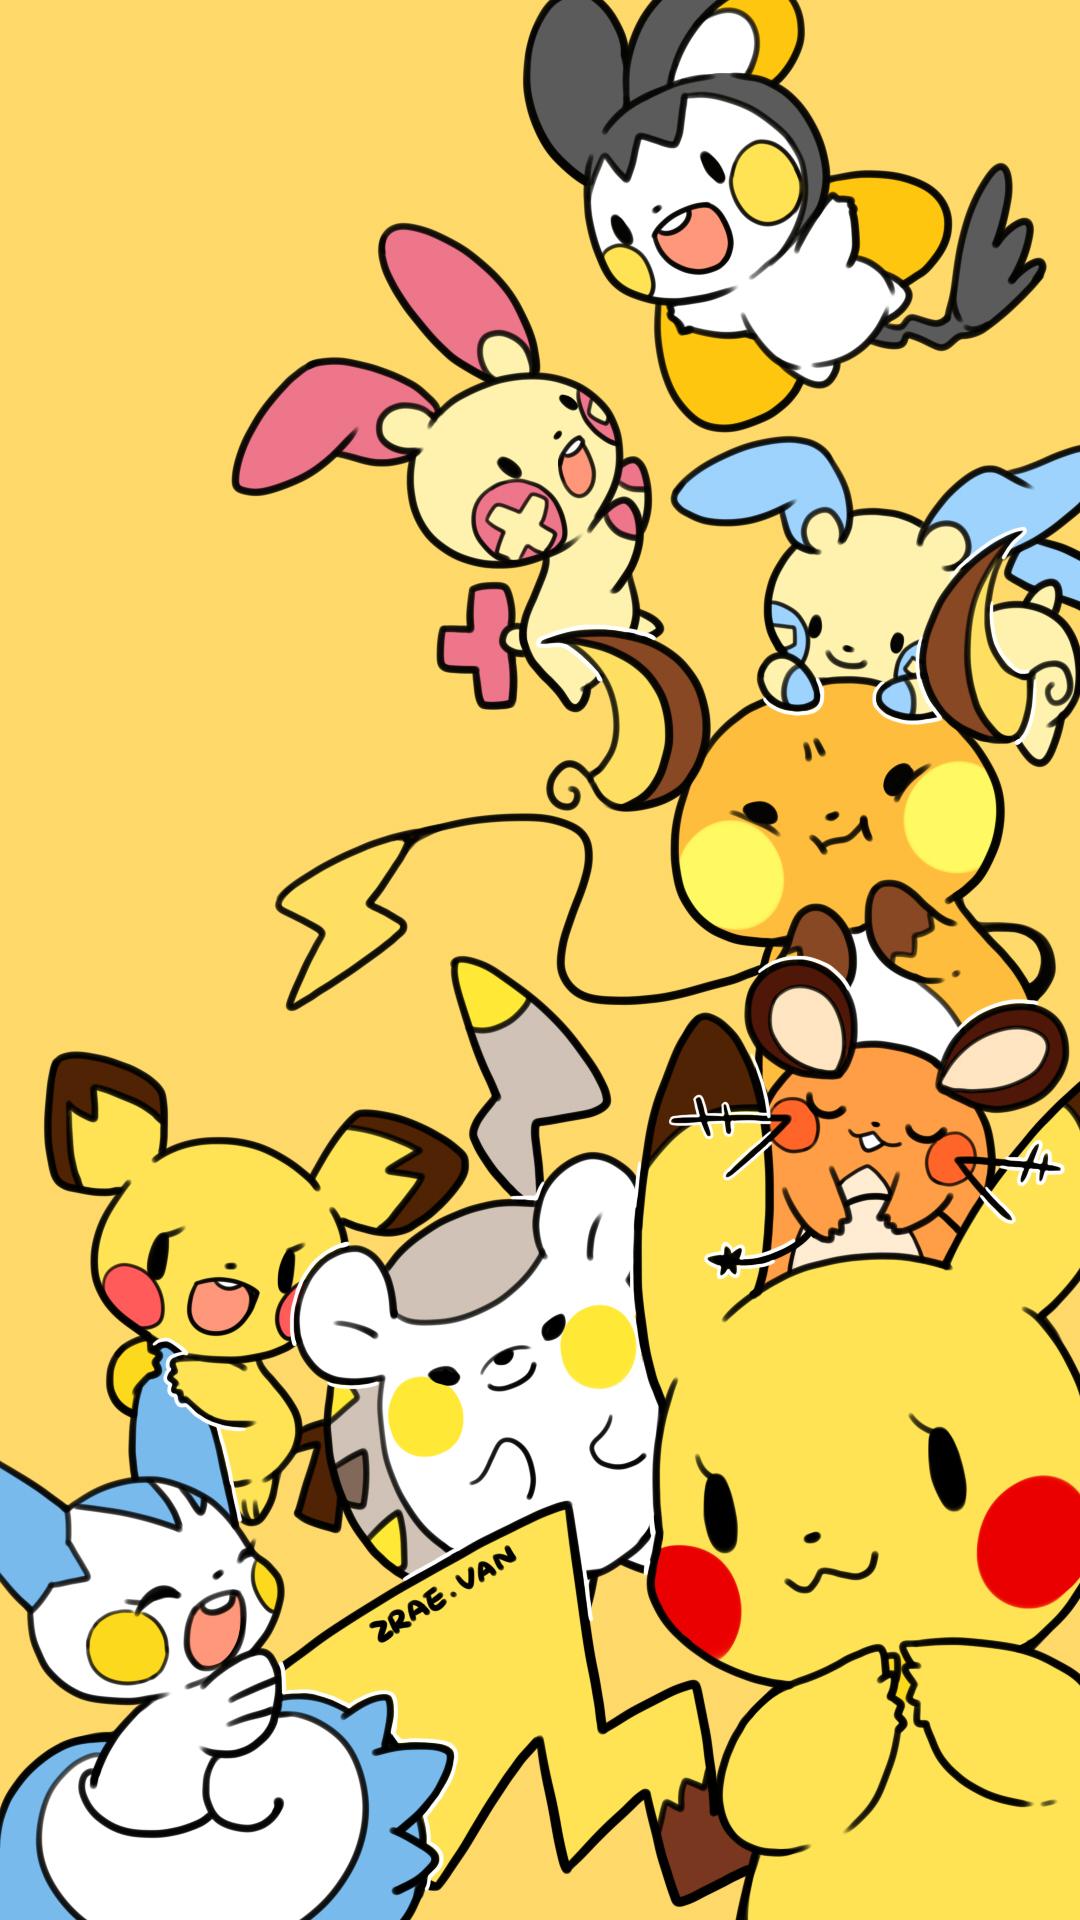 Pok 233 Mon Mobile Wallpaper 2014932 Zerochan Anime Image Board